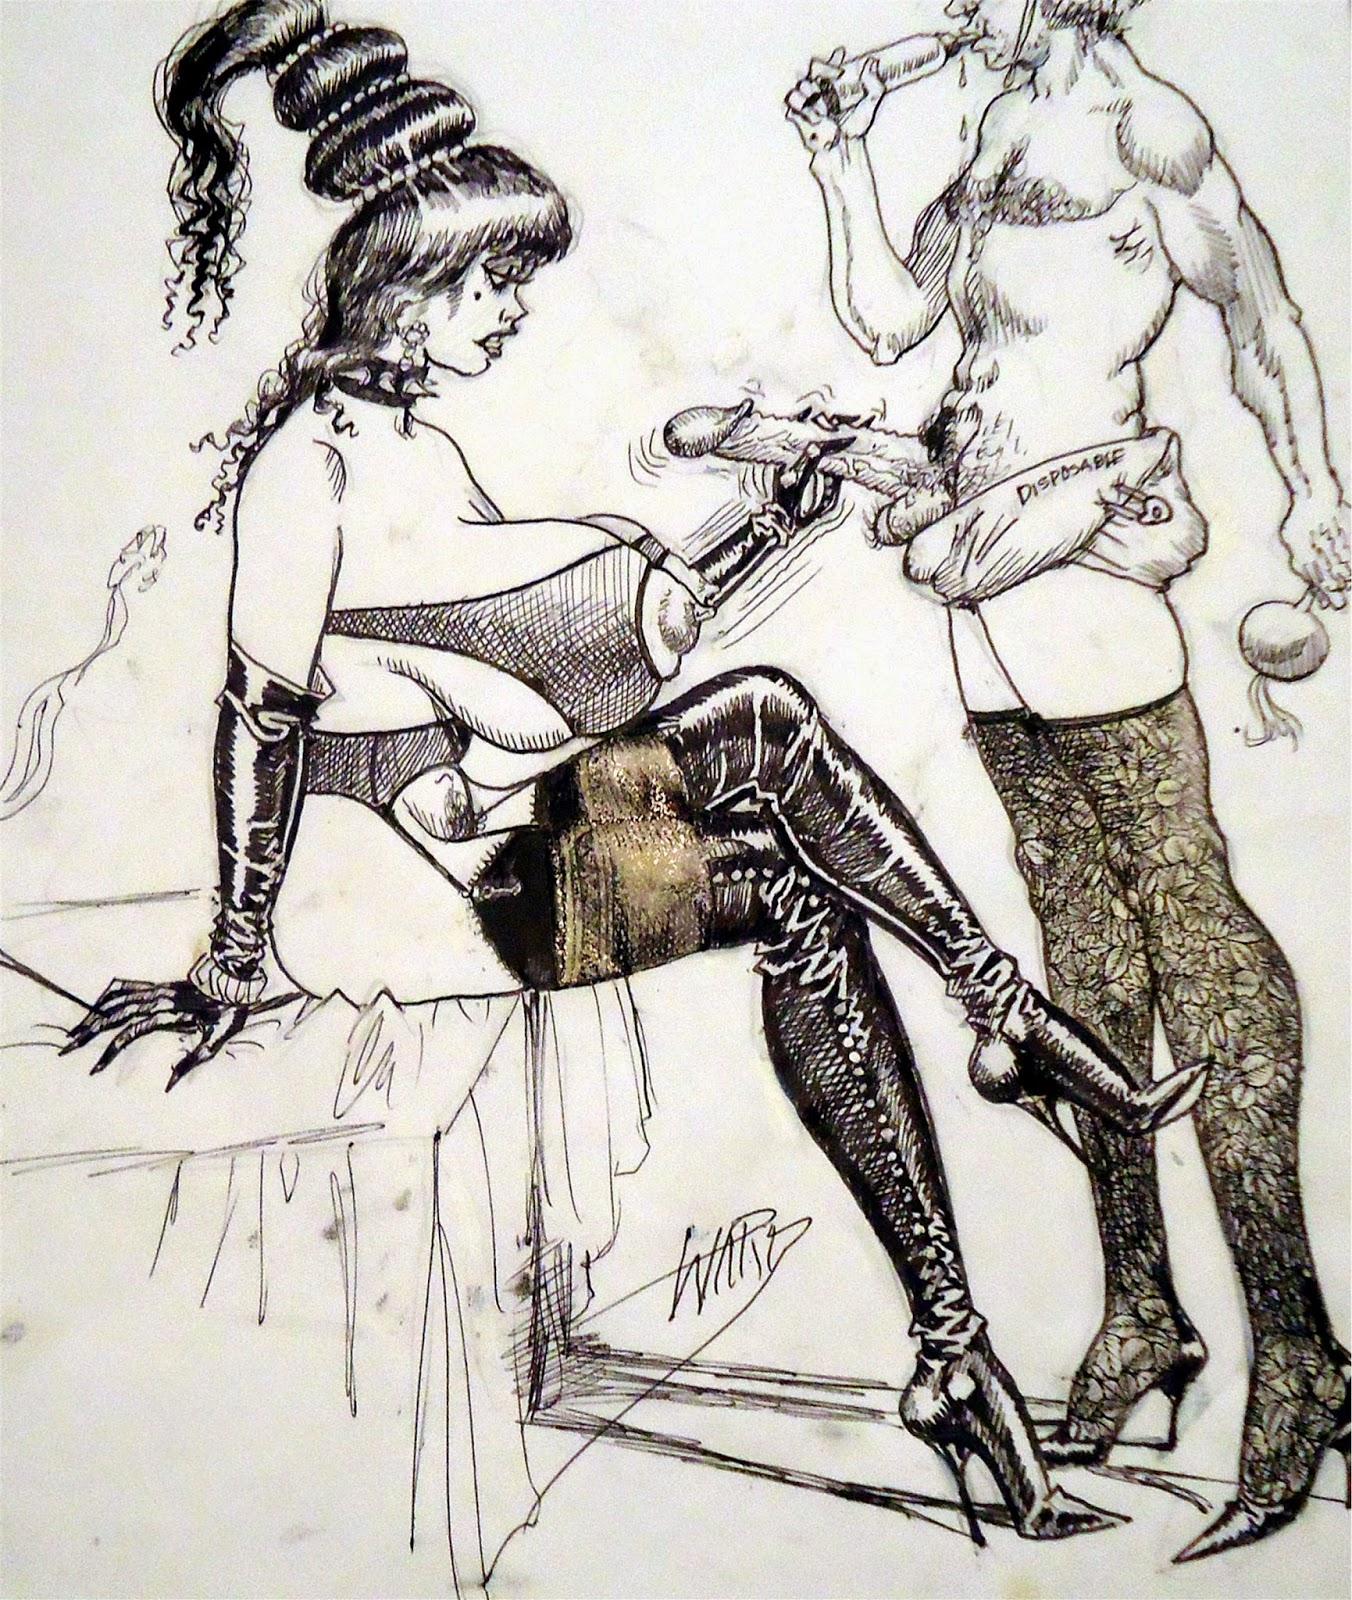 bill-ward-bdsm-drawings